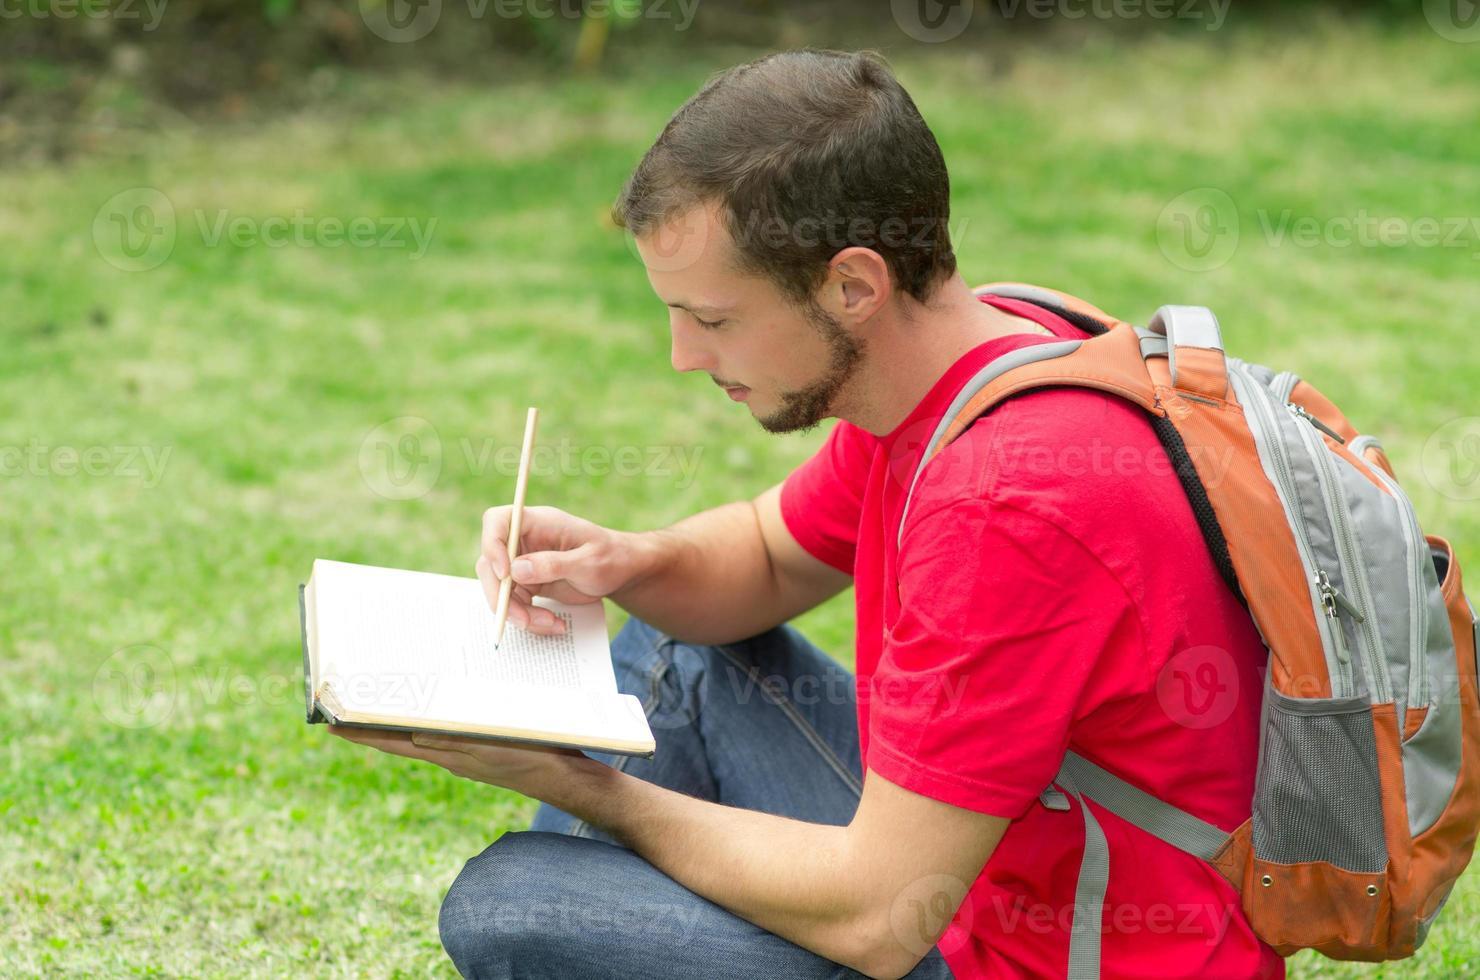 homme étudie dans le parc photo